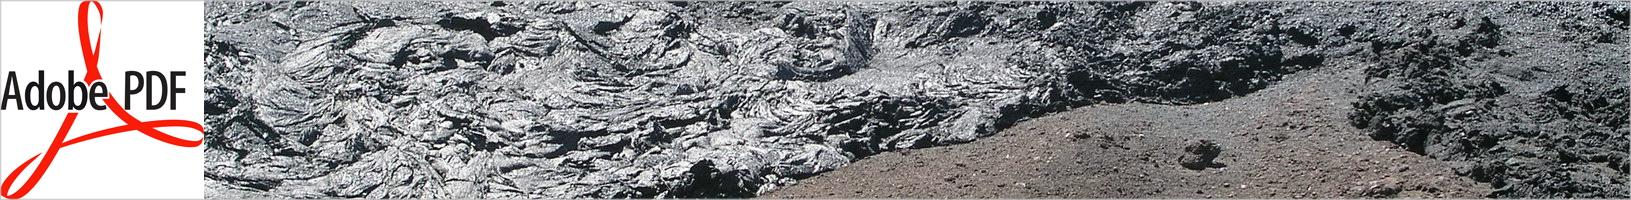 Artículo descenso de barrancos en Reunión (FR) | El Himalaya del barranquismo: la isla Reunión